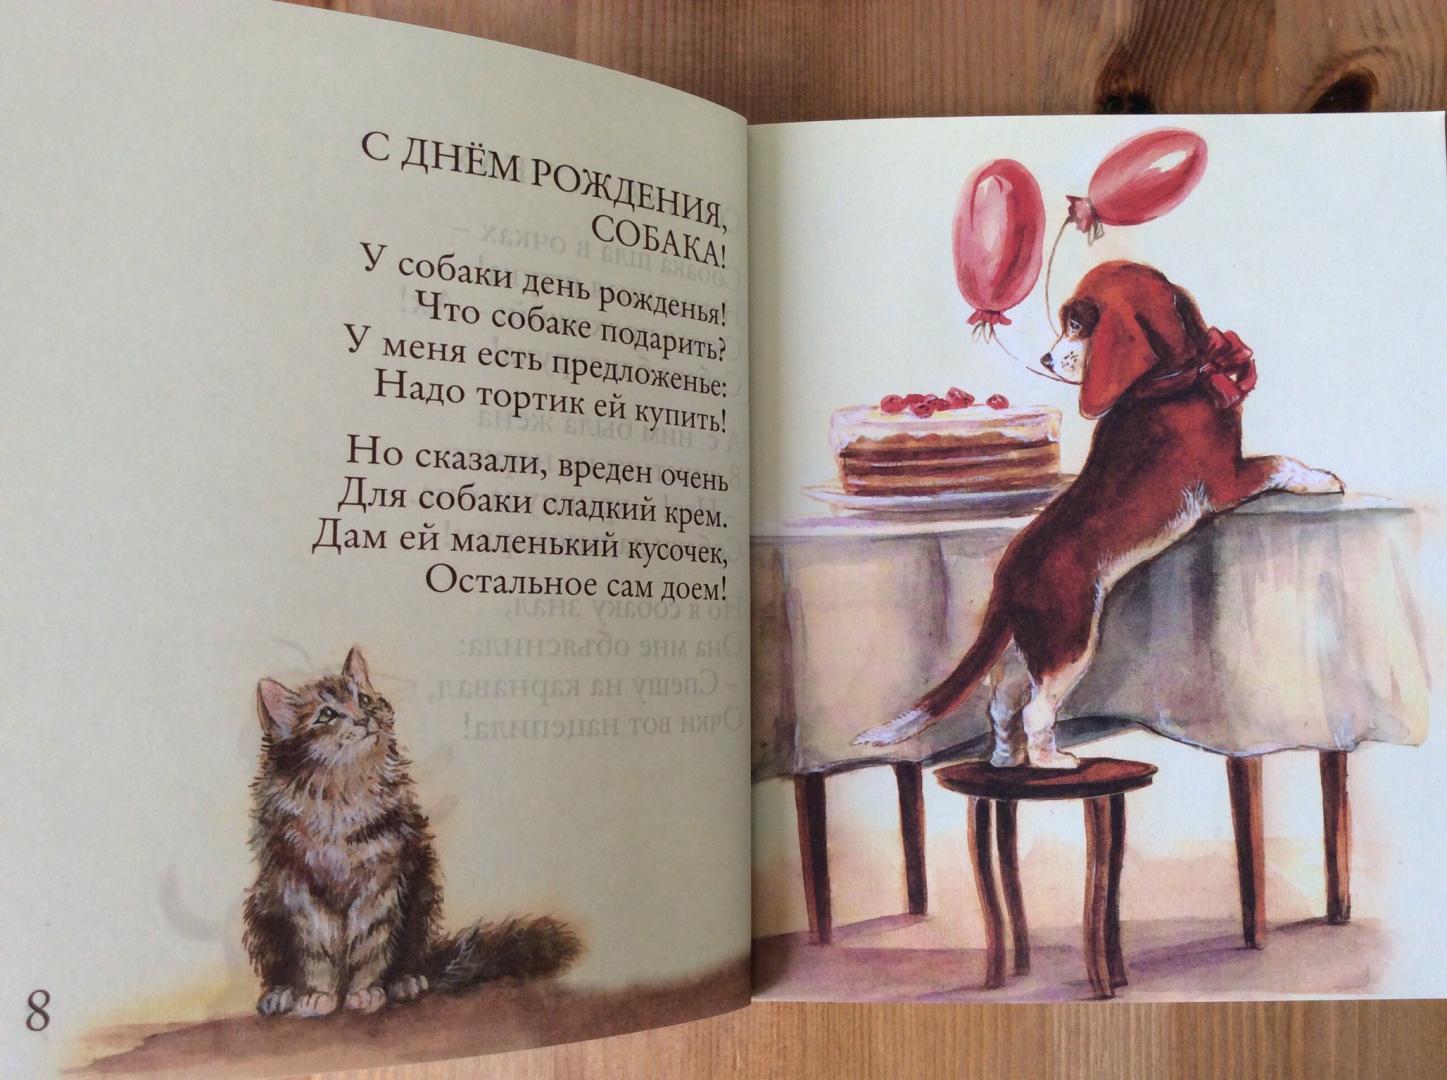 поздравления с днем рождения собаке не в стихах можно